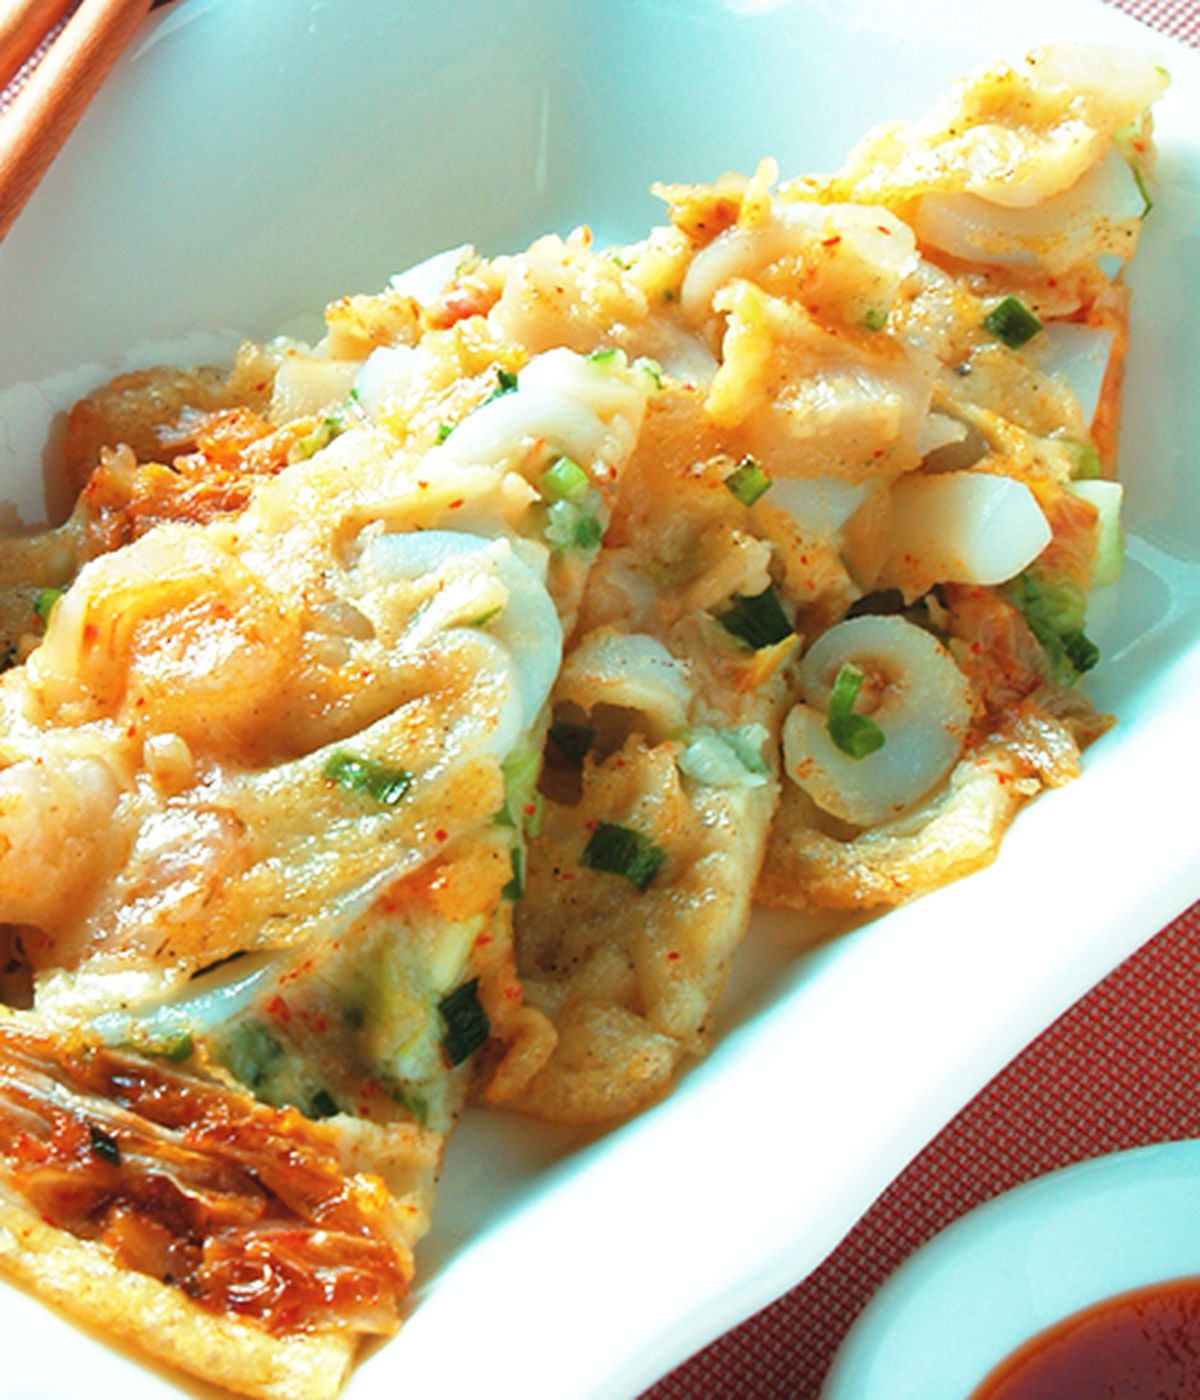 食譜:海鮮泡菜煎餅